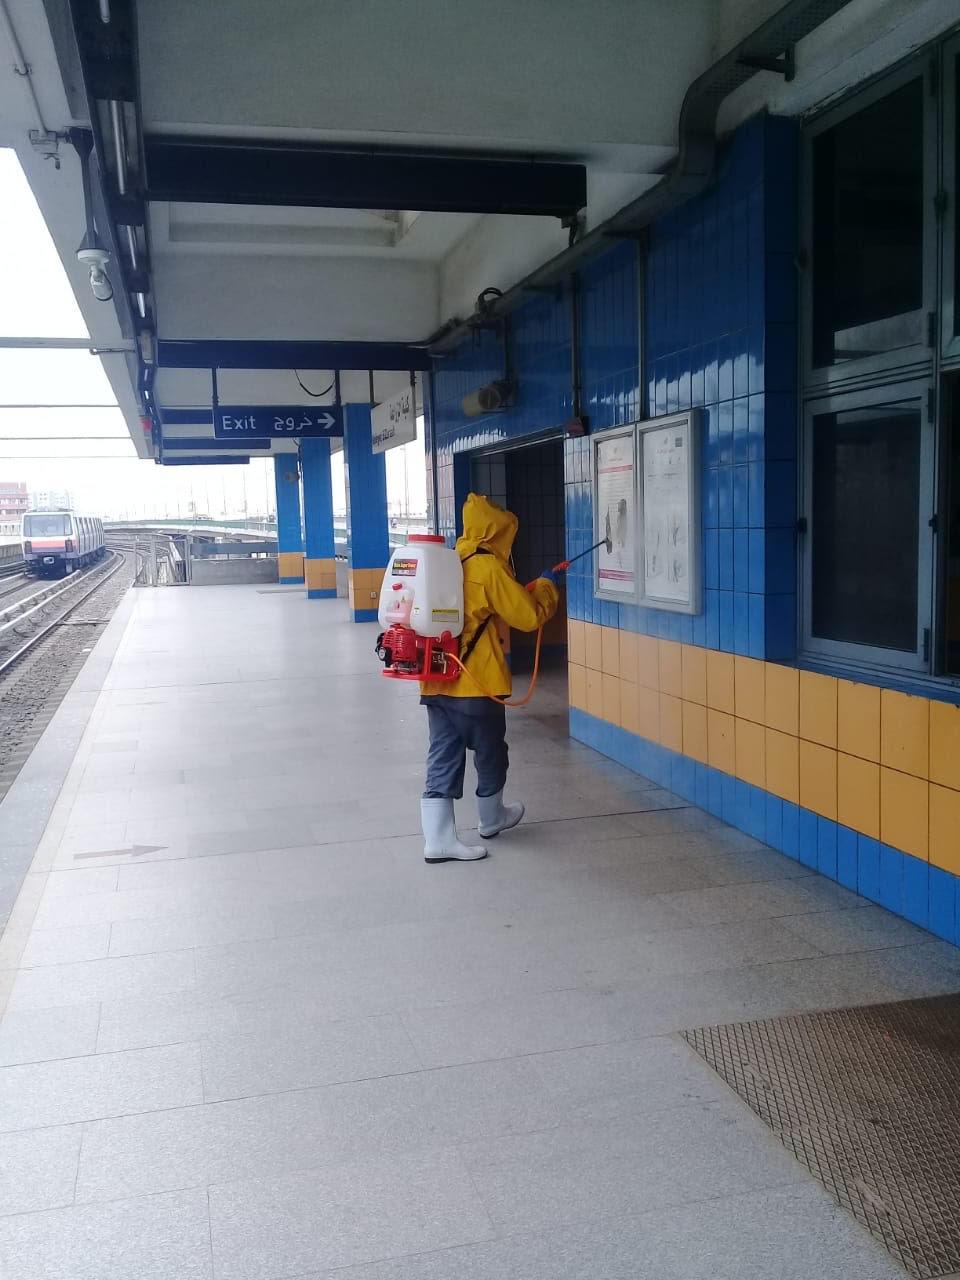 المترو يواصل أعمال تعقيم وتطهير القطارات والمحطات ضد كورونا (40)